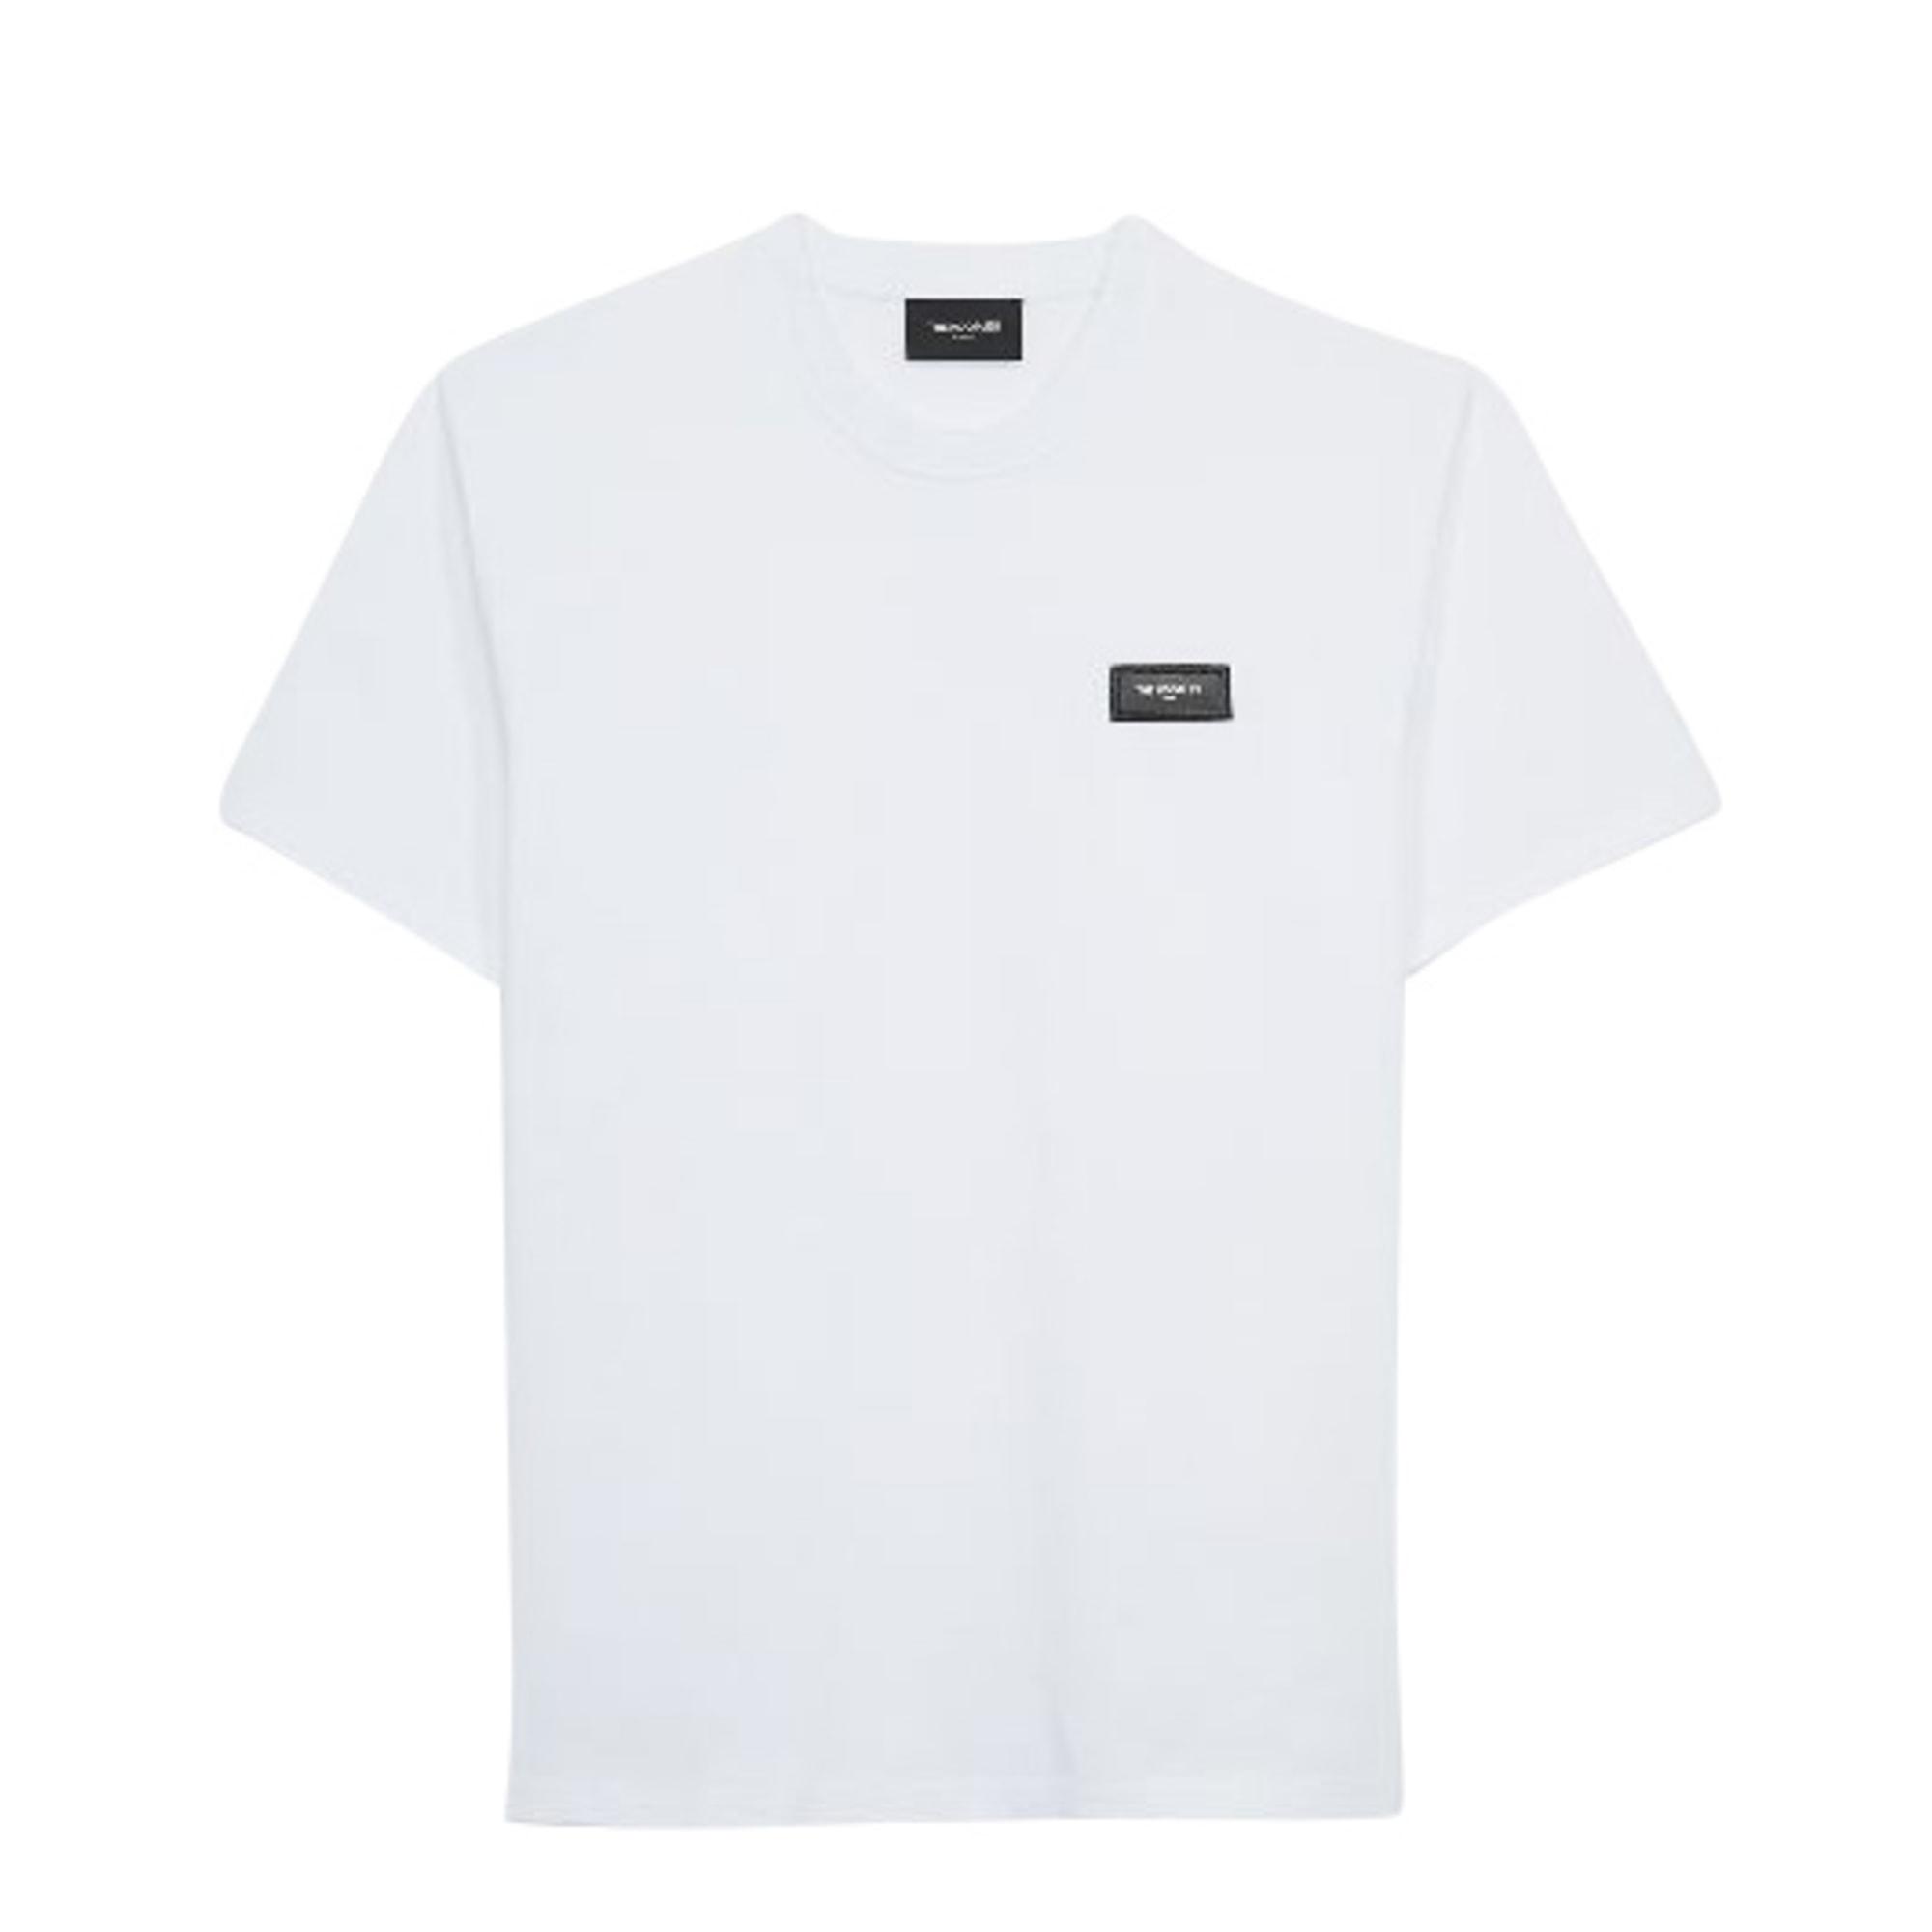 Tee-shirt THE KOOPLES Blanc, blanc cassé, écru